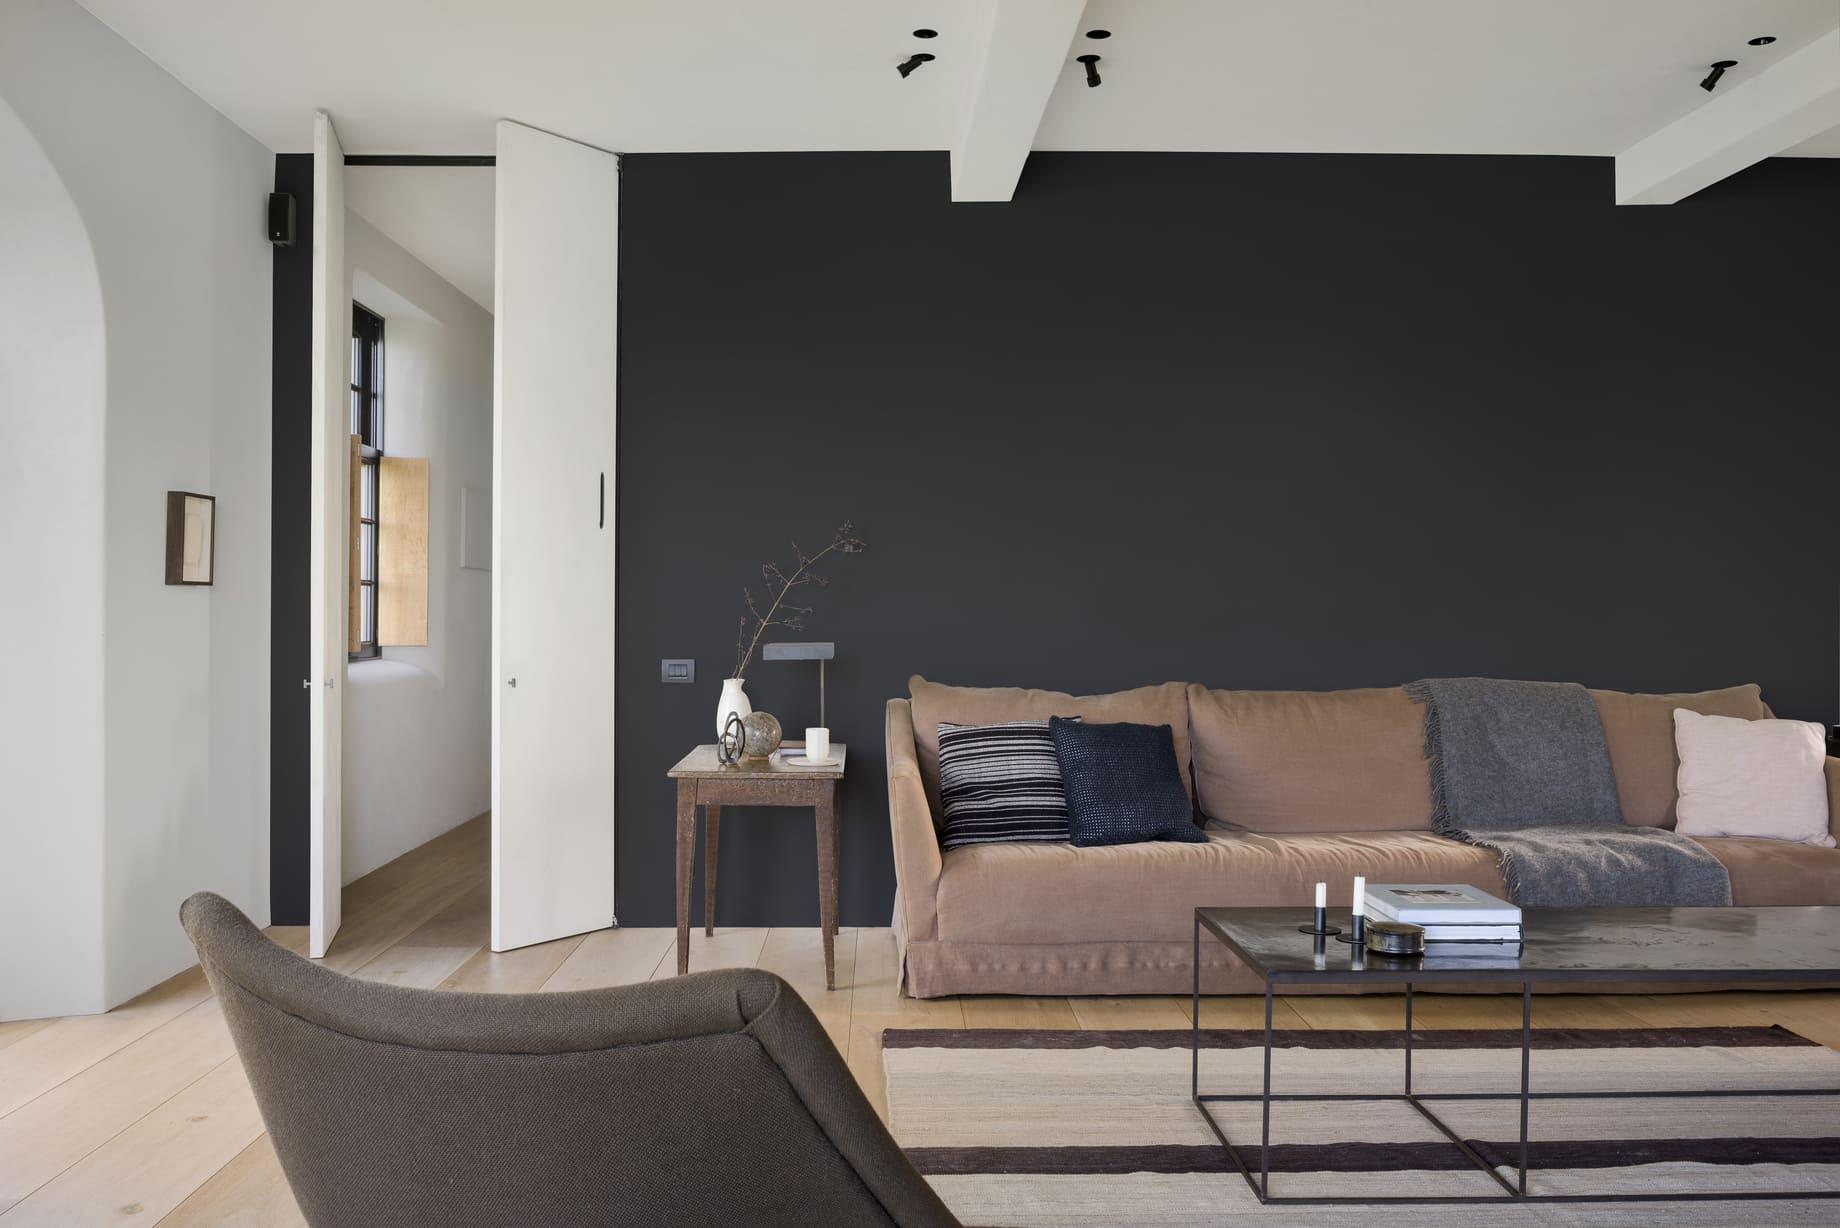 pintura pared interior-min